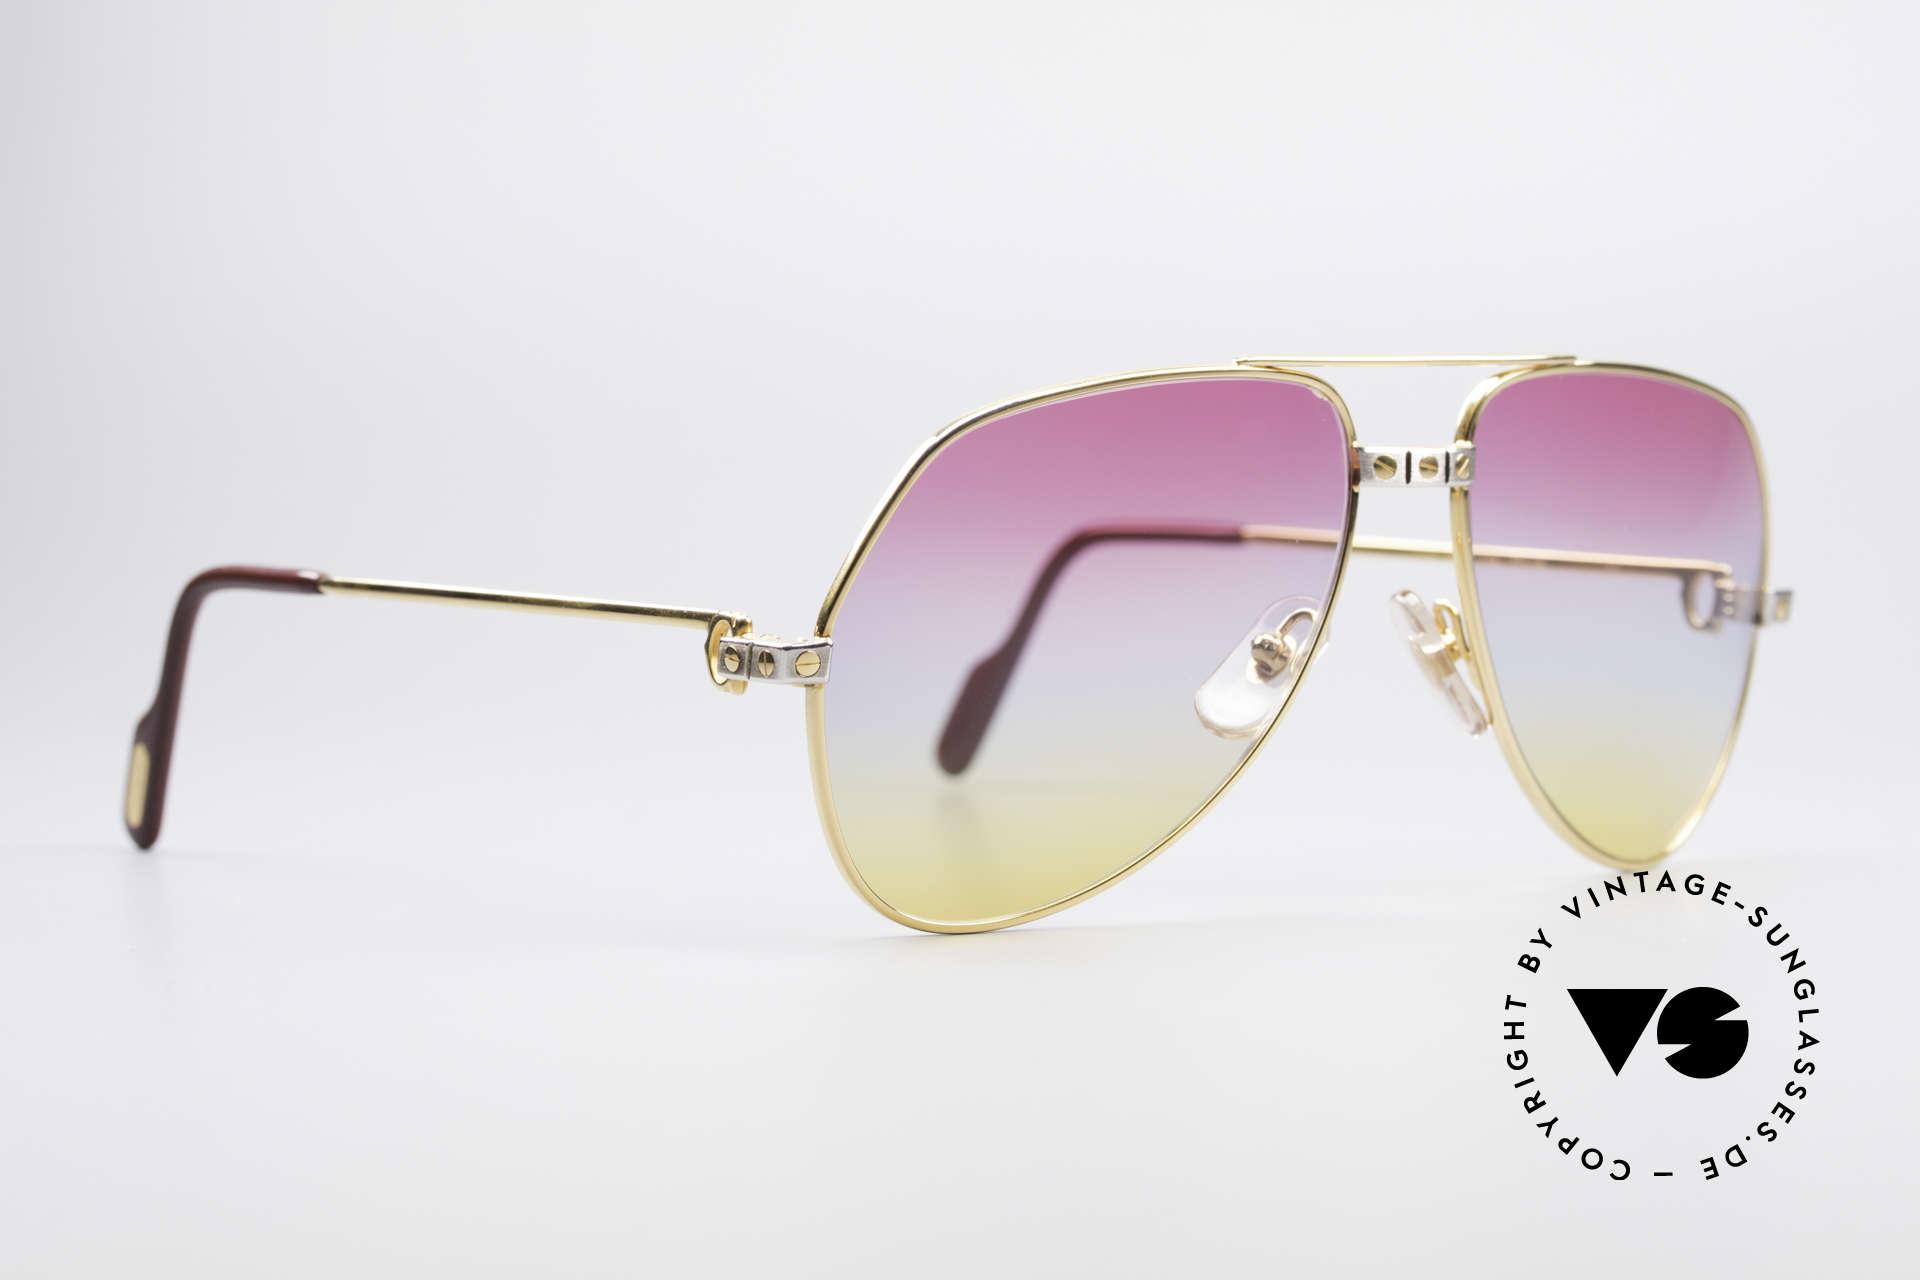 Cartier Vendome Santos - M Rare 80's Aviator Sunglasses, Santos Decor (with 3 screws): MEDIUM size 59-14, 130, Made for Men and Women